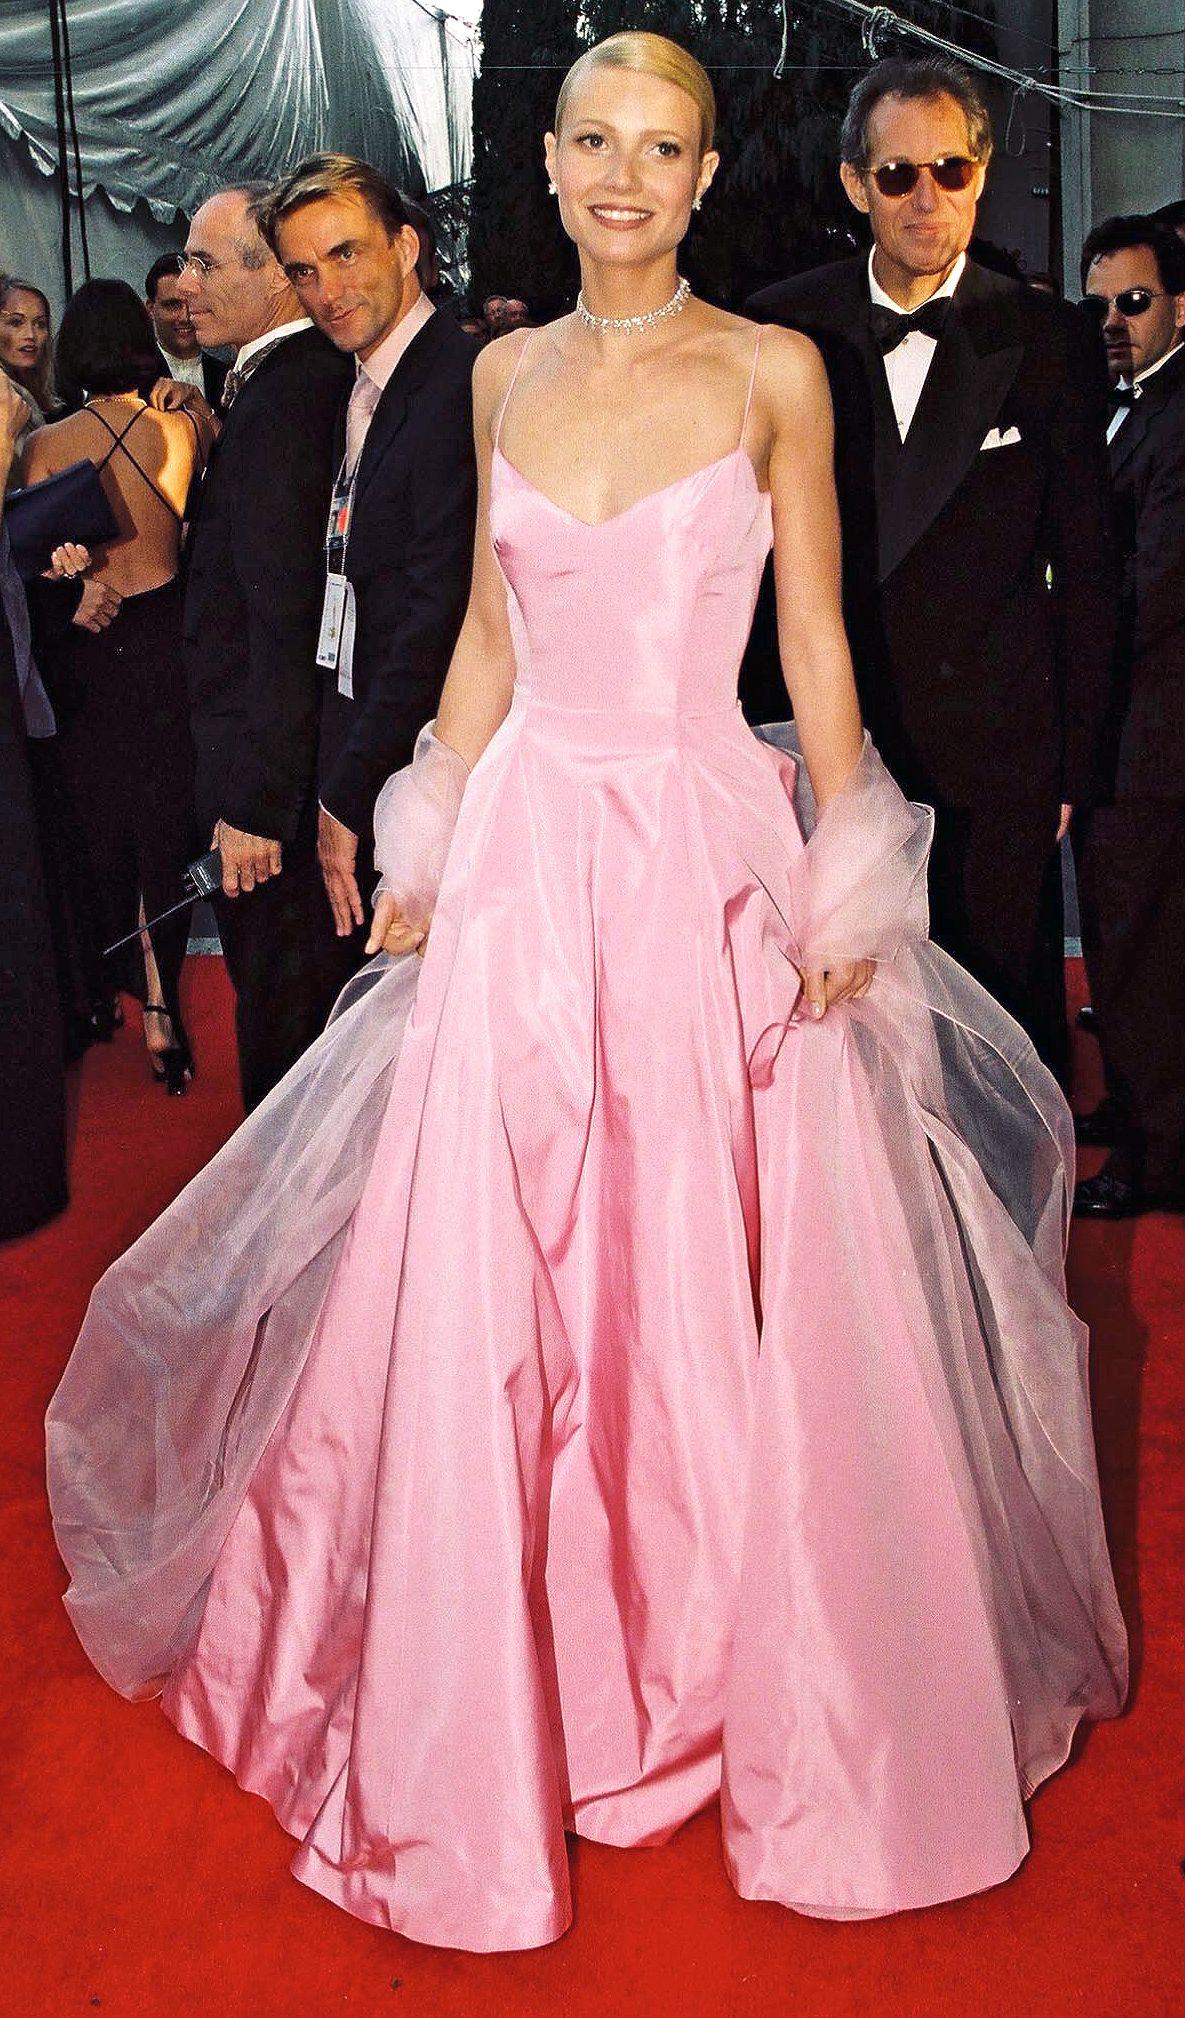 غوينيث بالترو عام ١٩٩٩ في فستان باللون الزهري